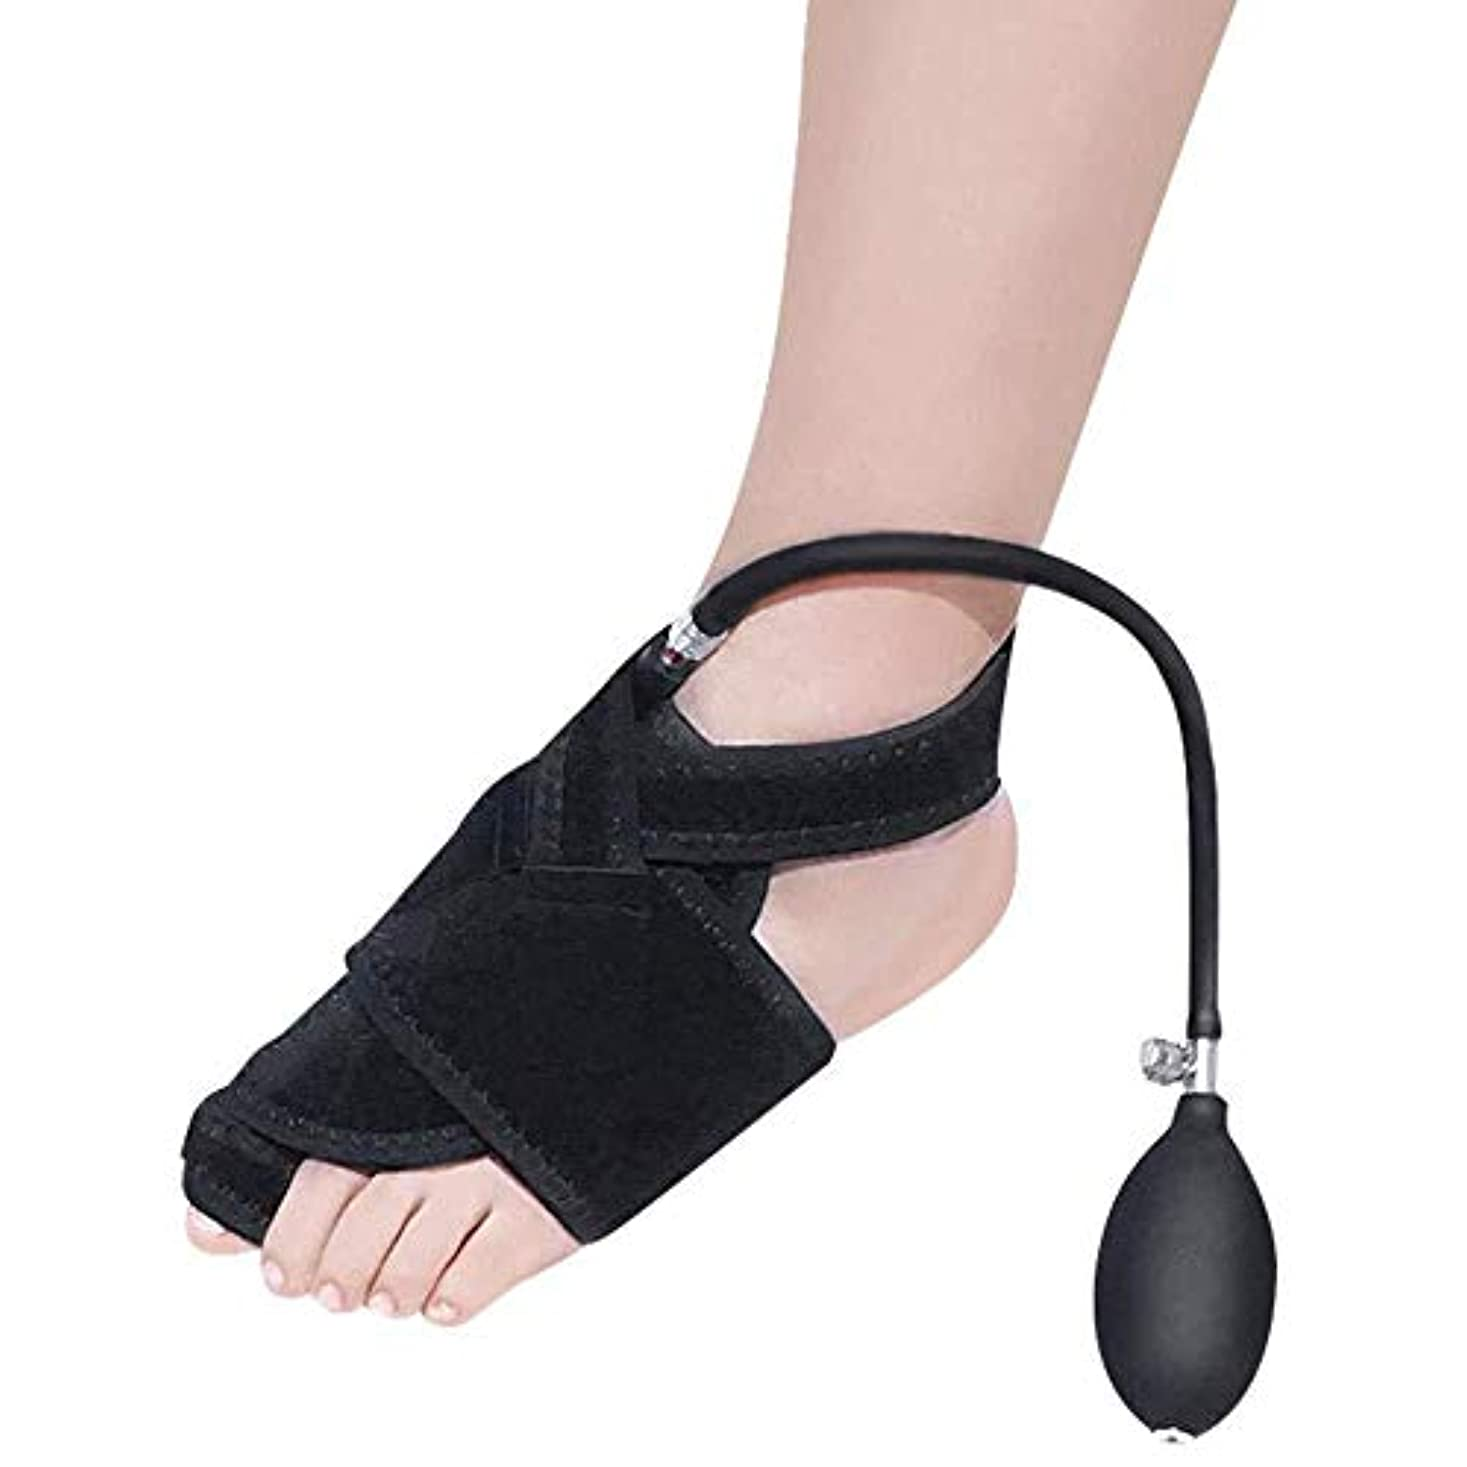 著者事実上雪つま先セパレーター、左の膨脹可能なつま先変形足の親指矯正器および空気圧式整形外科用補助腱膜瘤手術の回復,Leftfoot